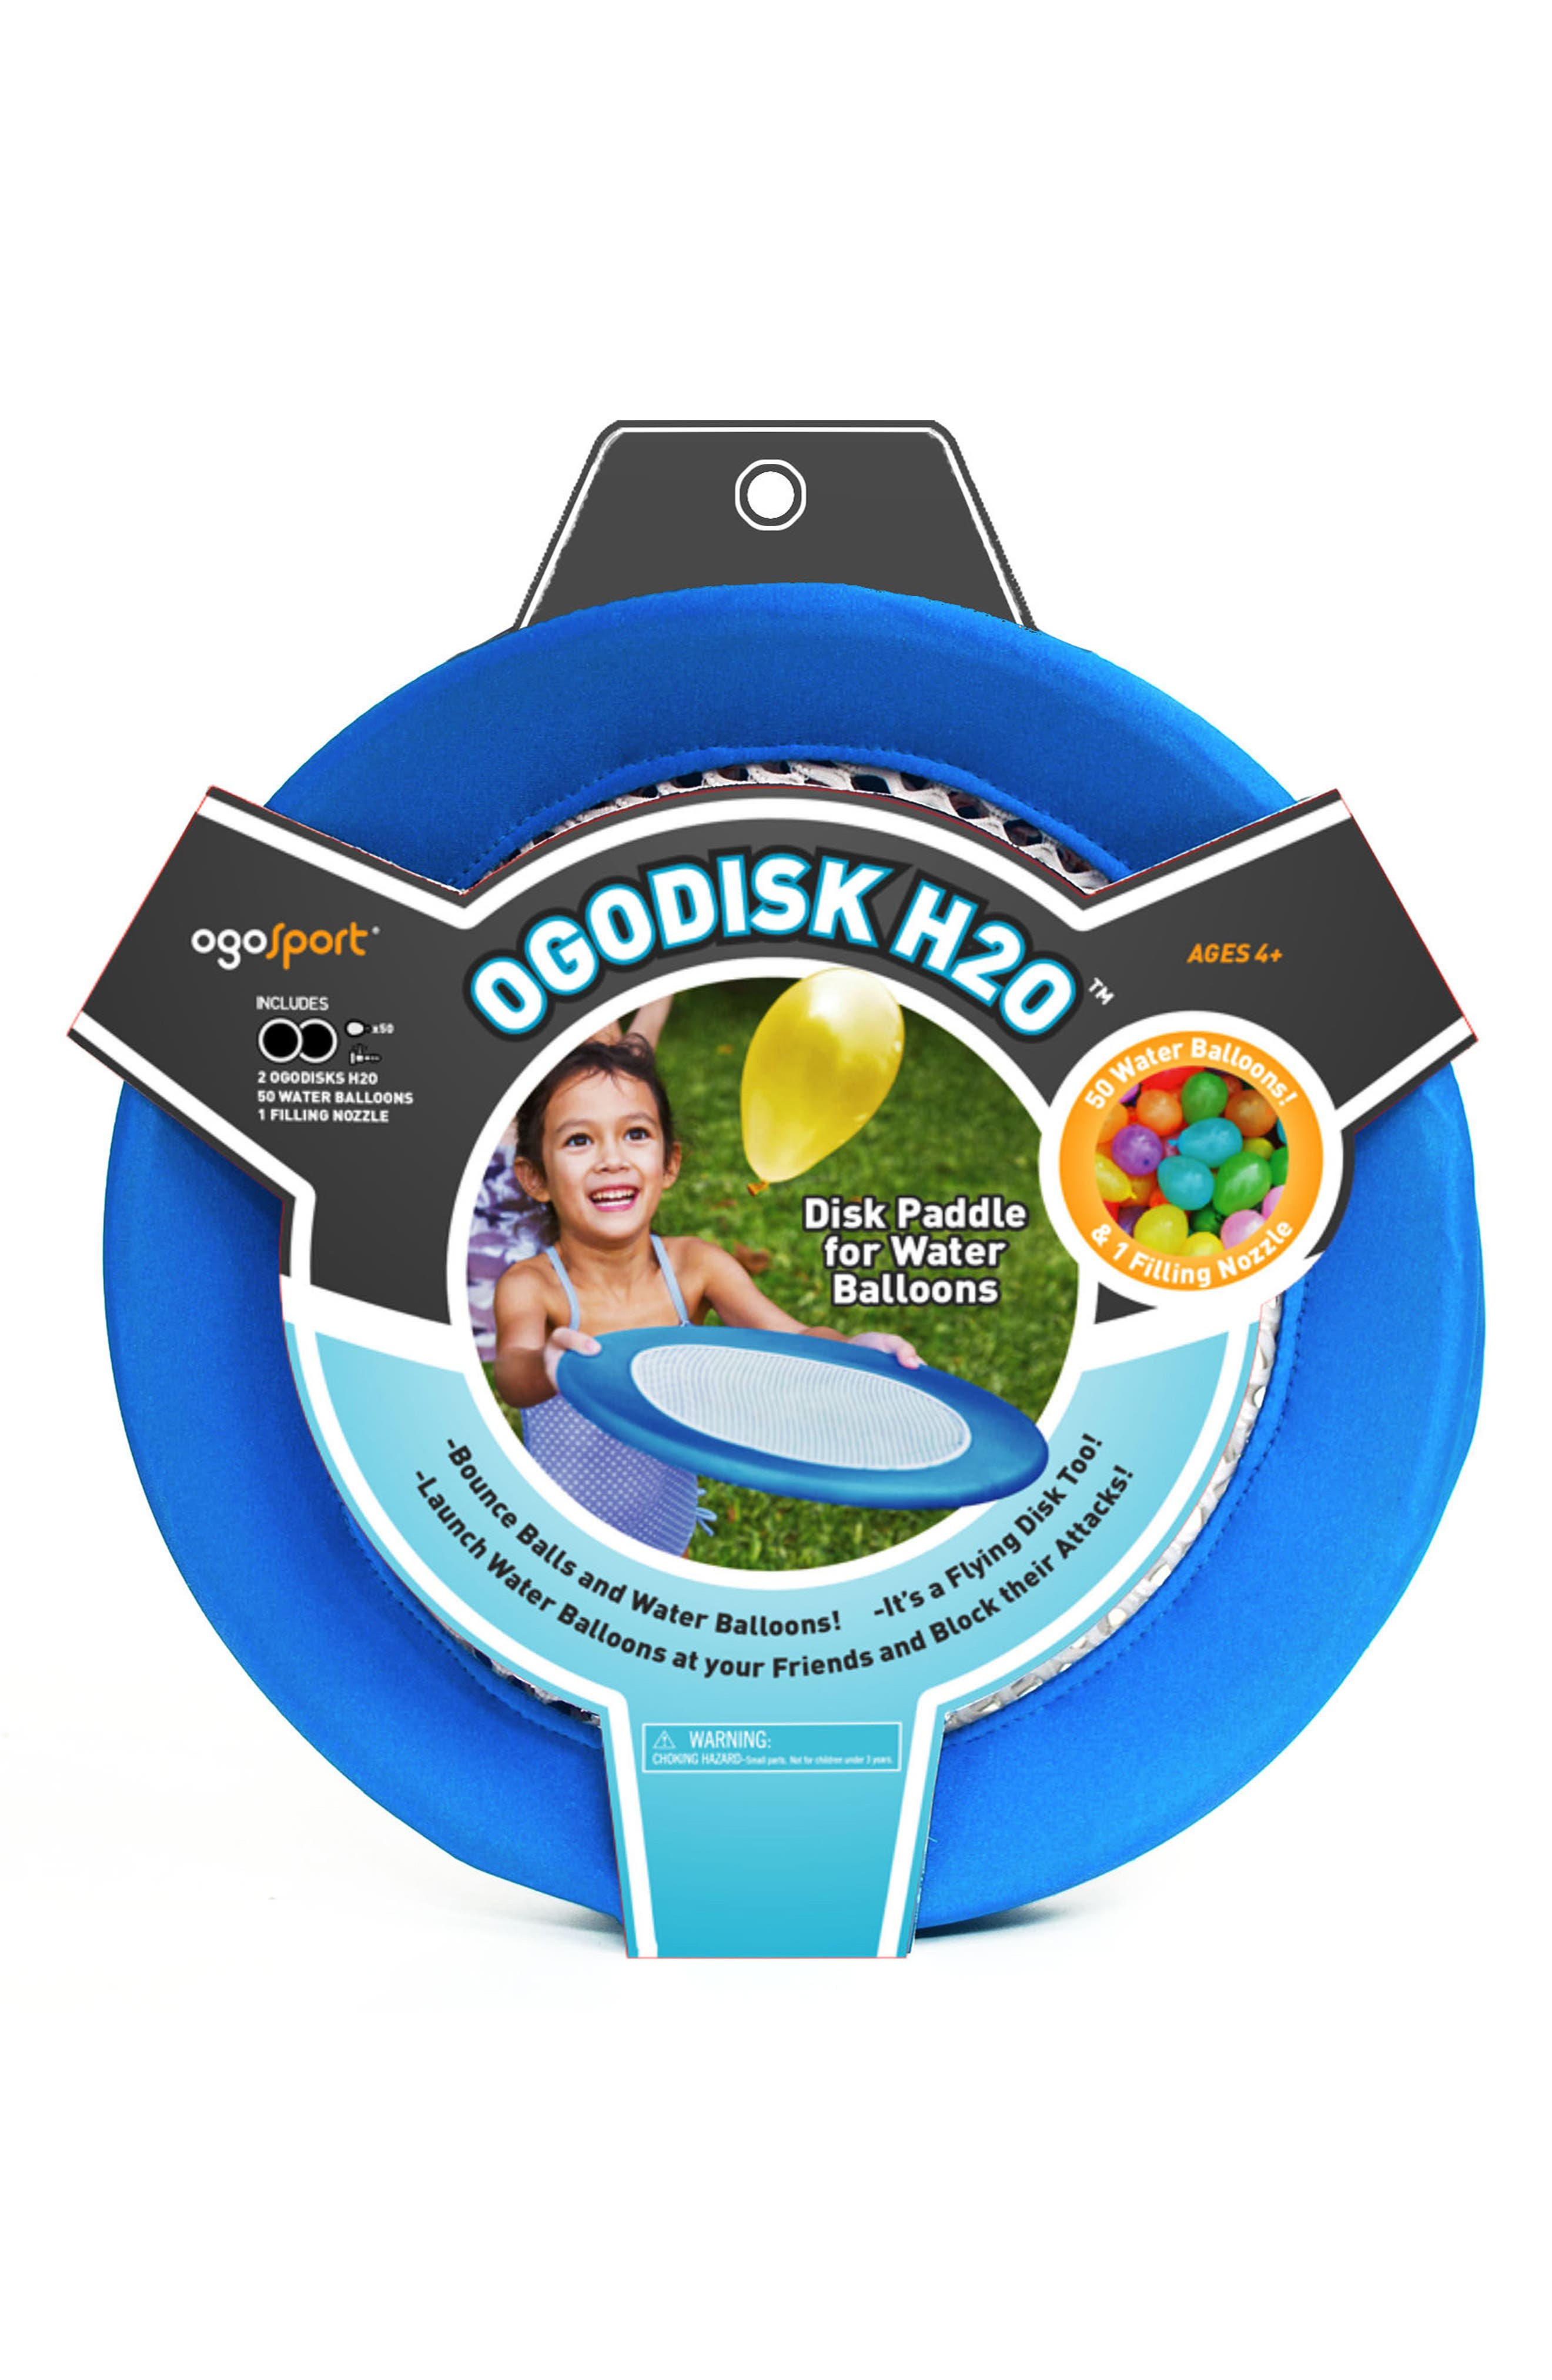 Alternate Image 1 Selected - Ogo Sport OgoDisk H2O Water Ballon Bouncer Game